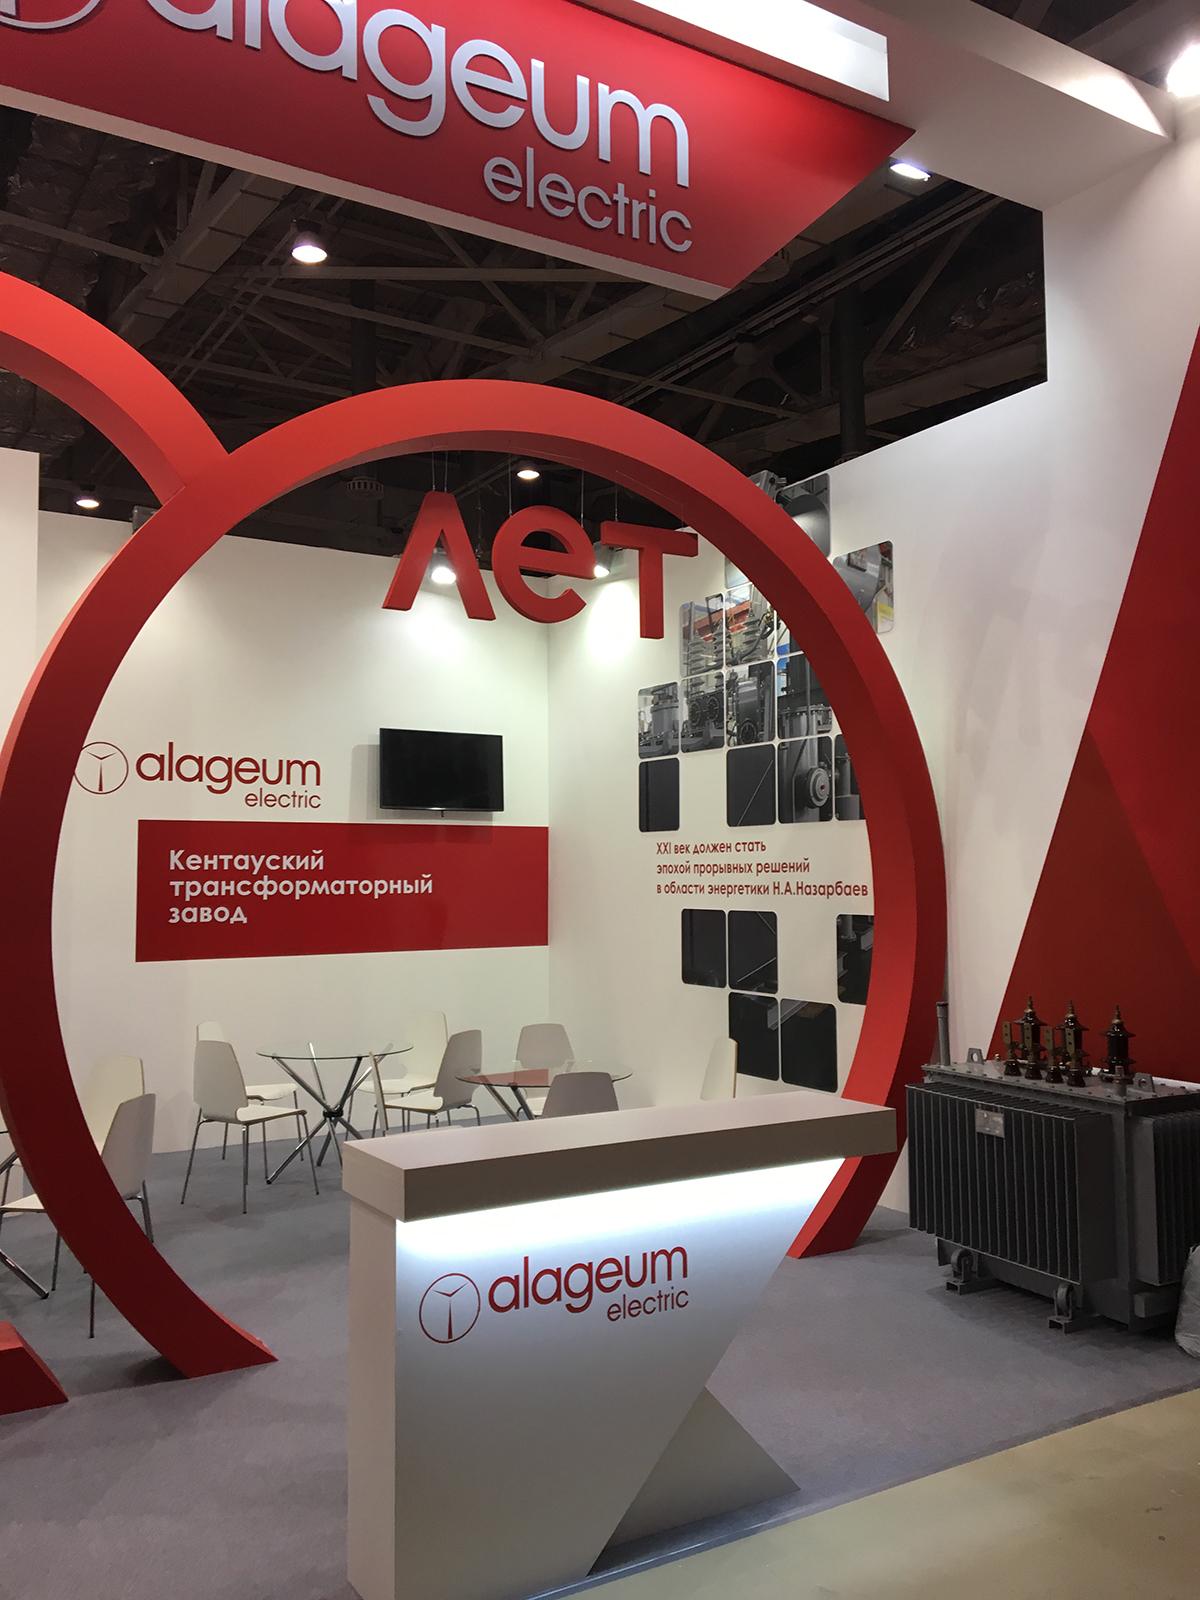 Alageum-2017-9